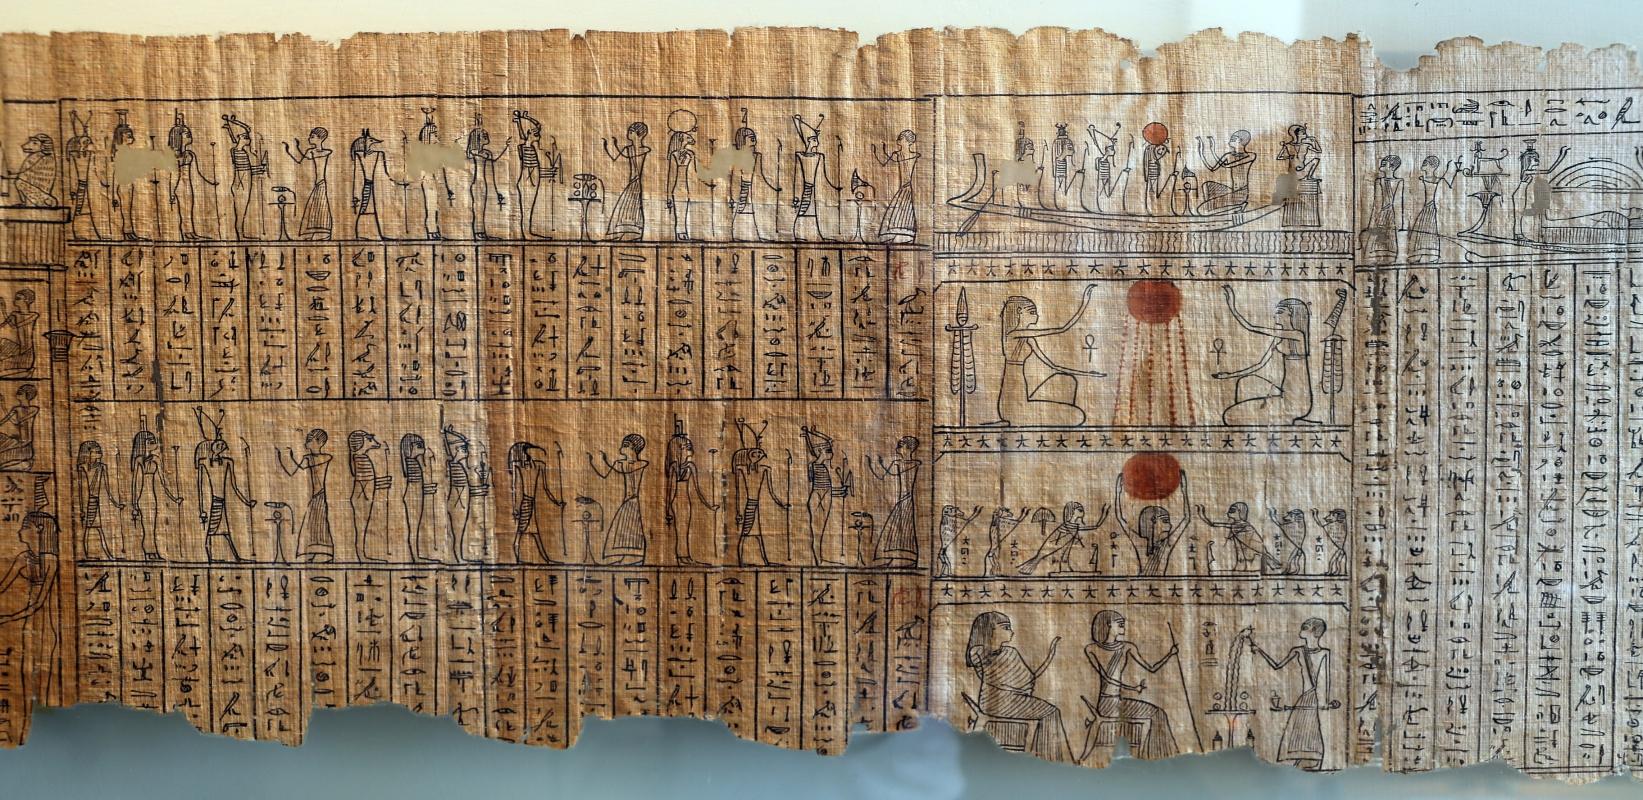 II dominazione persiana-epoca tolemaica, libro dei morti di harimuthes, da tebe, 03 - Sailko - Parma (PR)